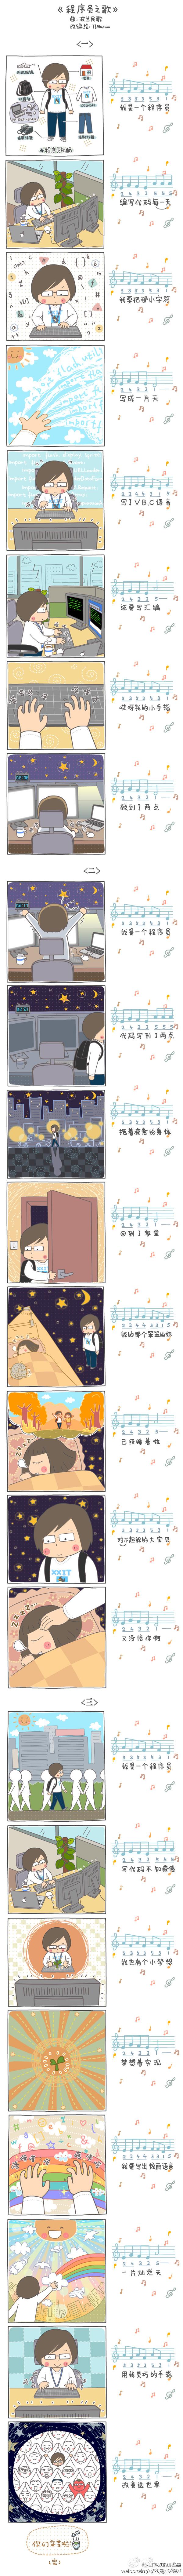 漫画:程序员之歌